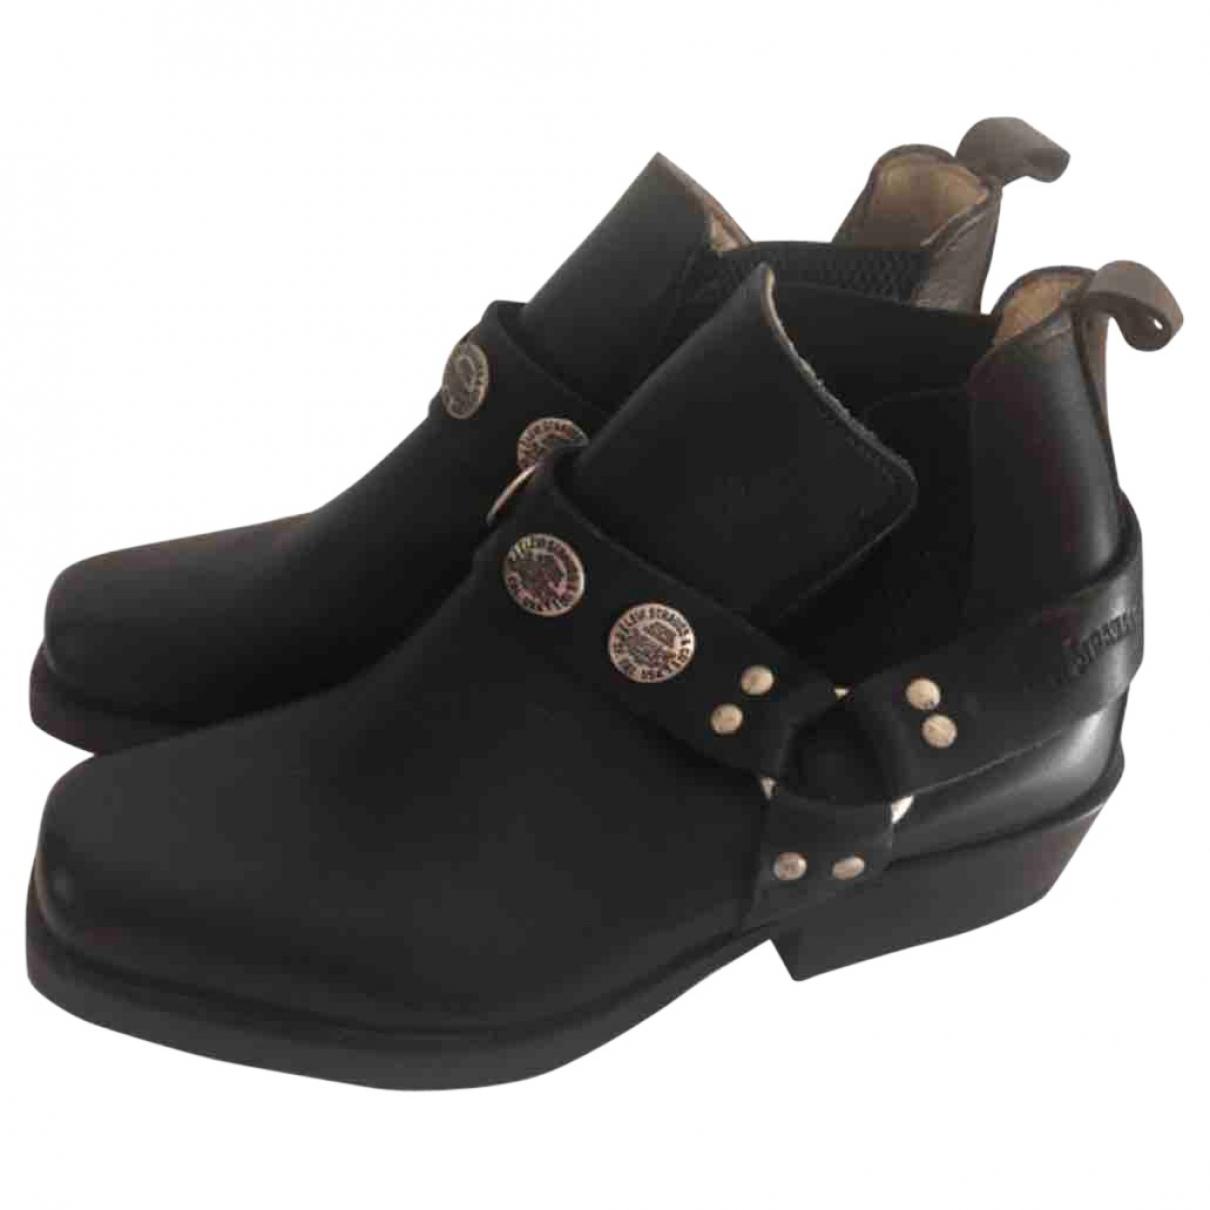 Levis - Boots   pour femme en cuir - noir